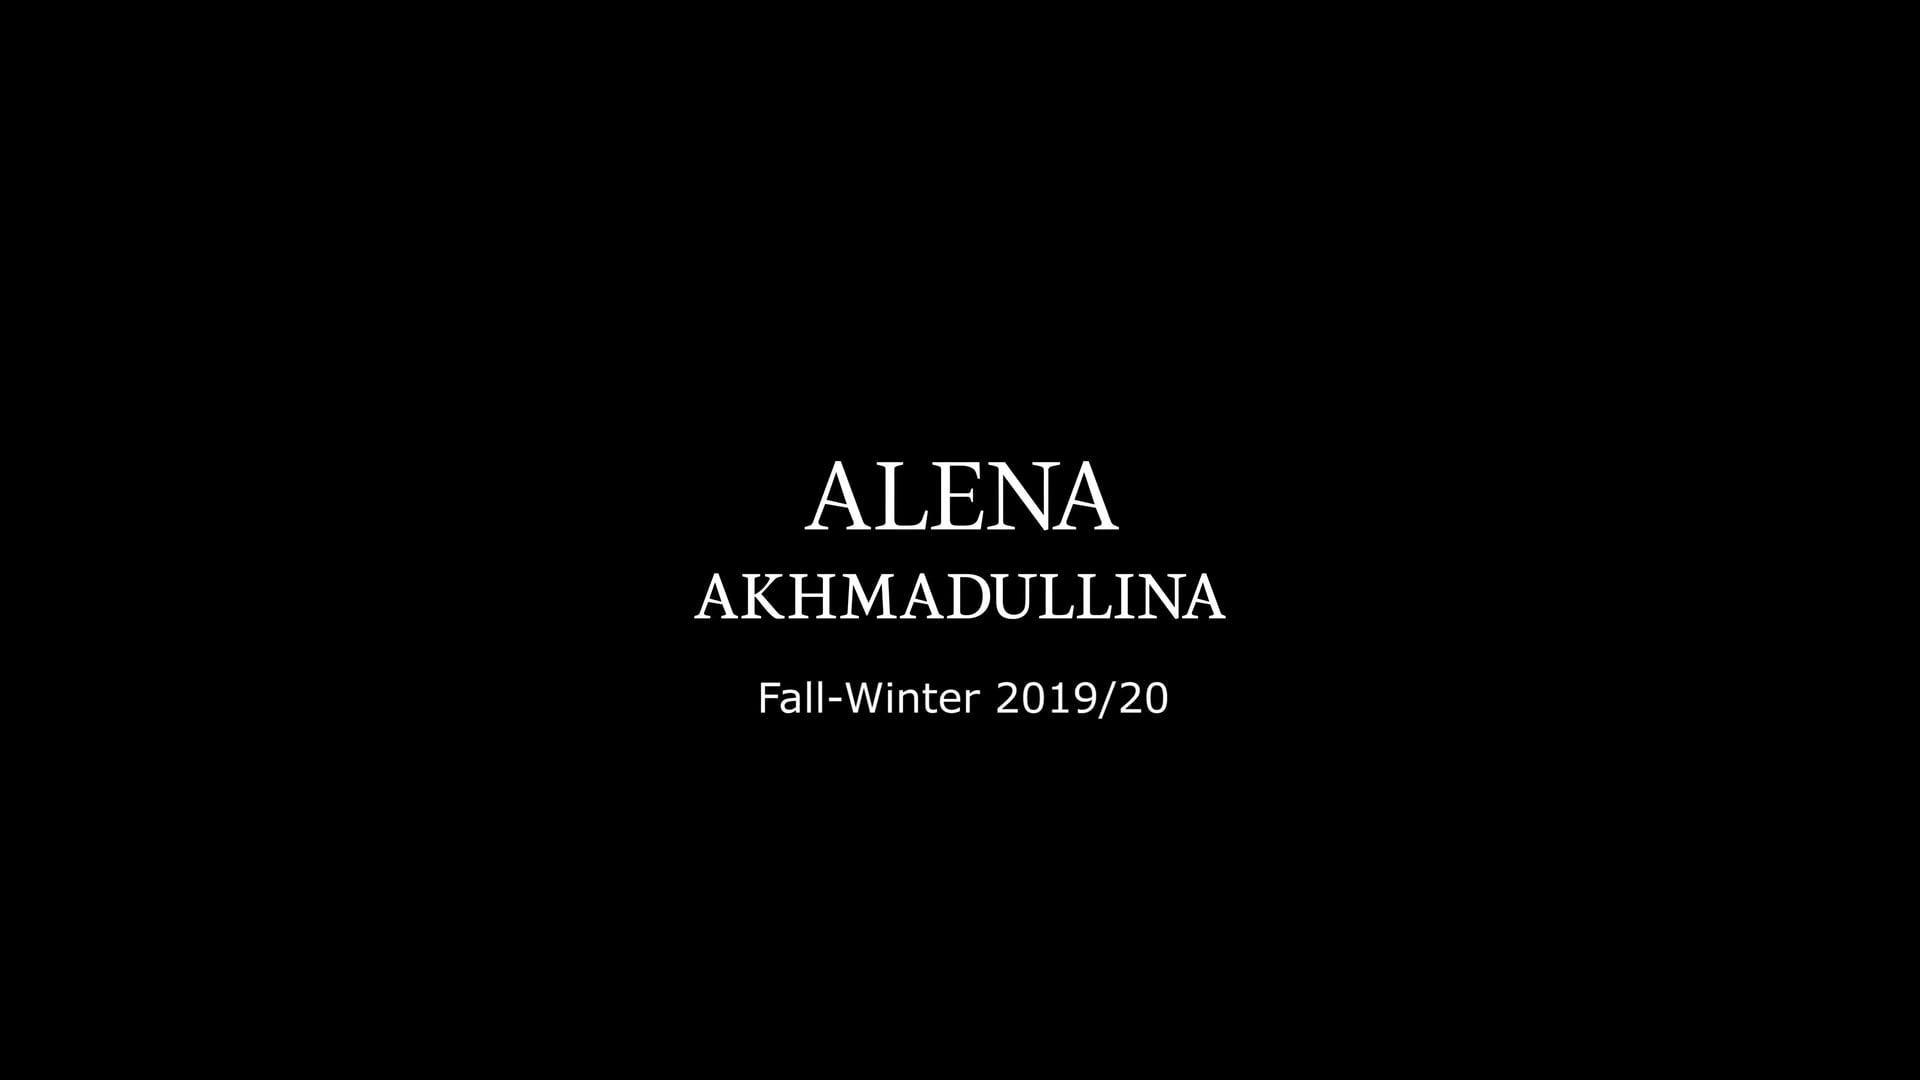 Alena Akhmadullina Fall-Winter 2019/20